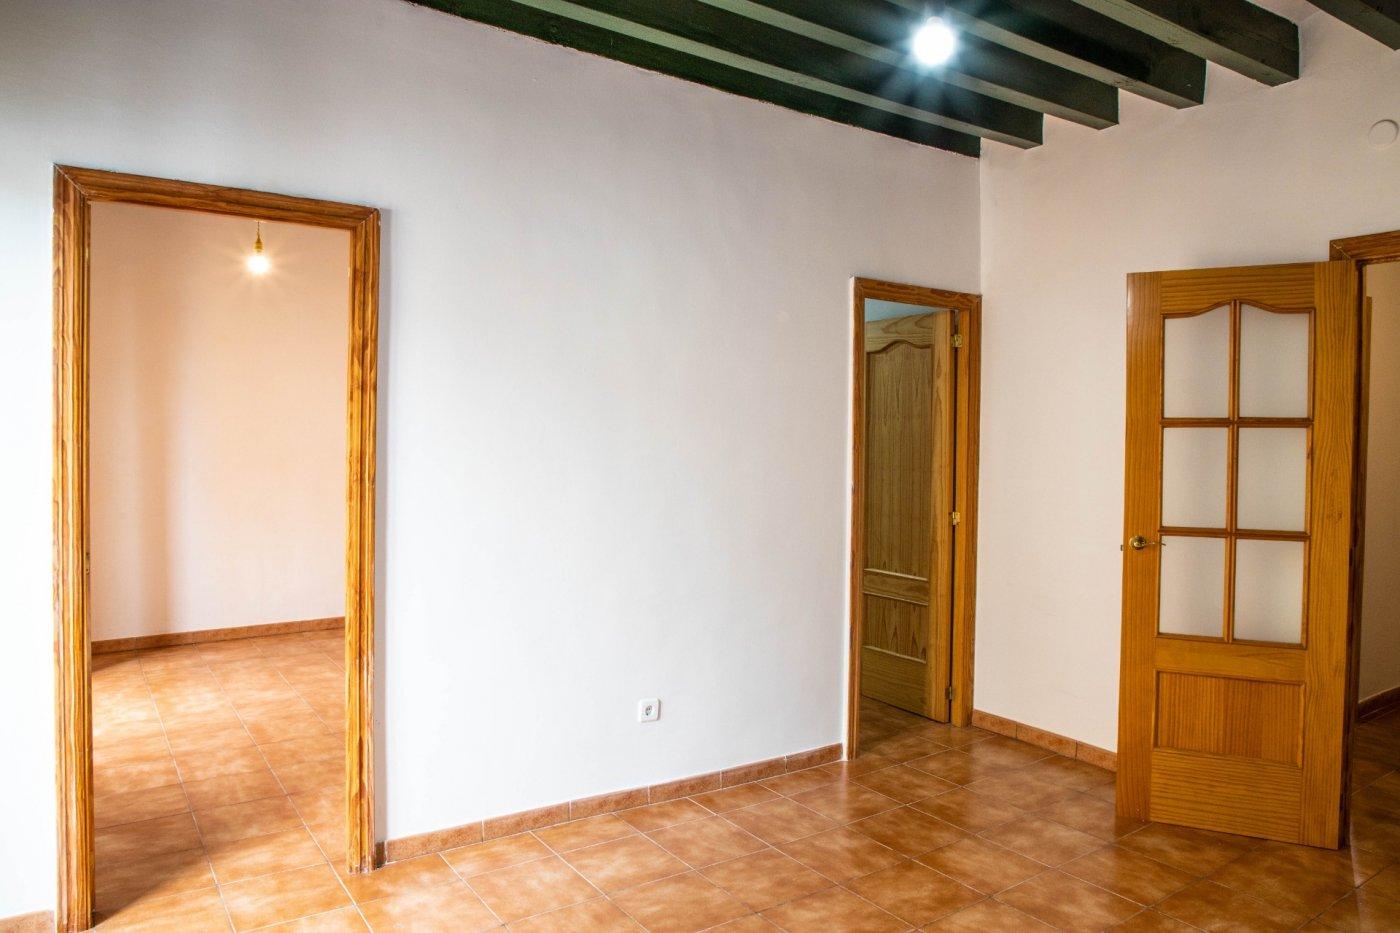 En venta piso cÉntrico y histÓrico en palma de mallorca - imagenInmueble10